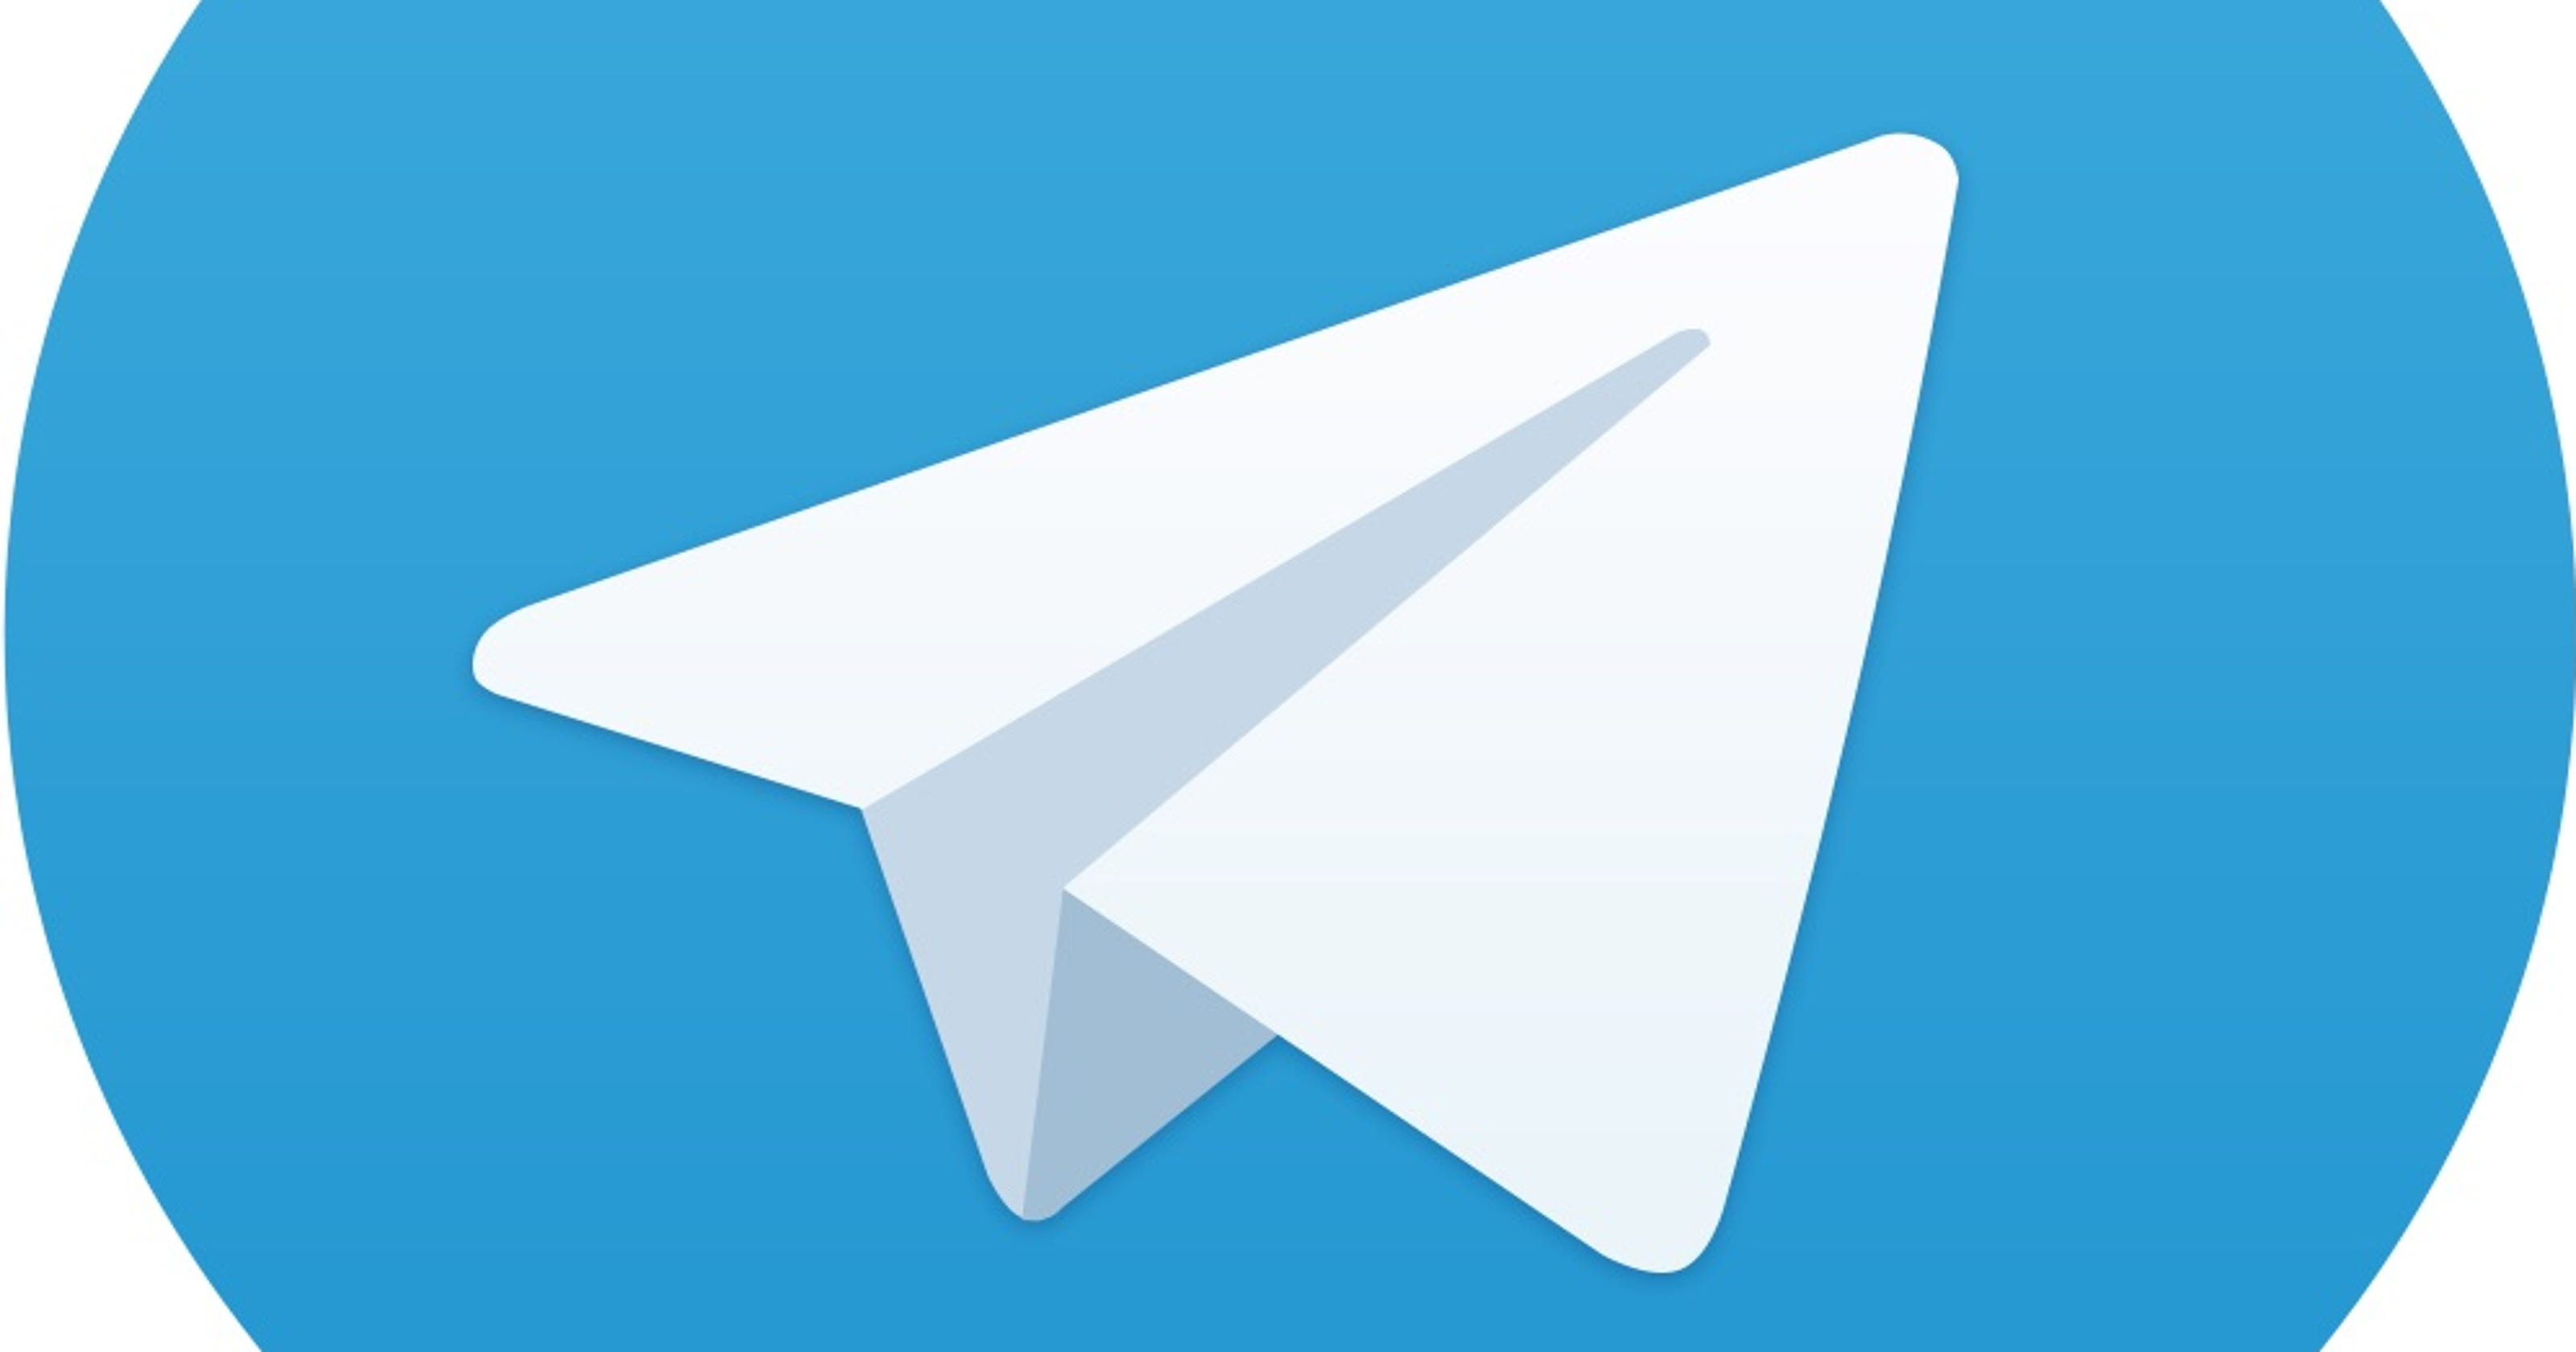 Secretive Telegram app removed from App Store